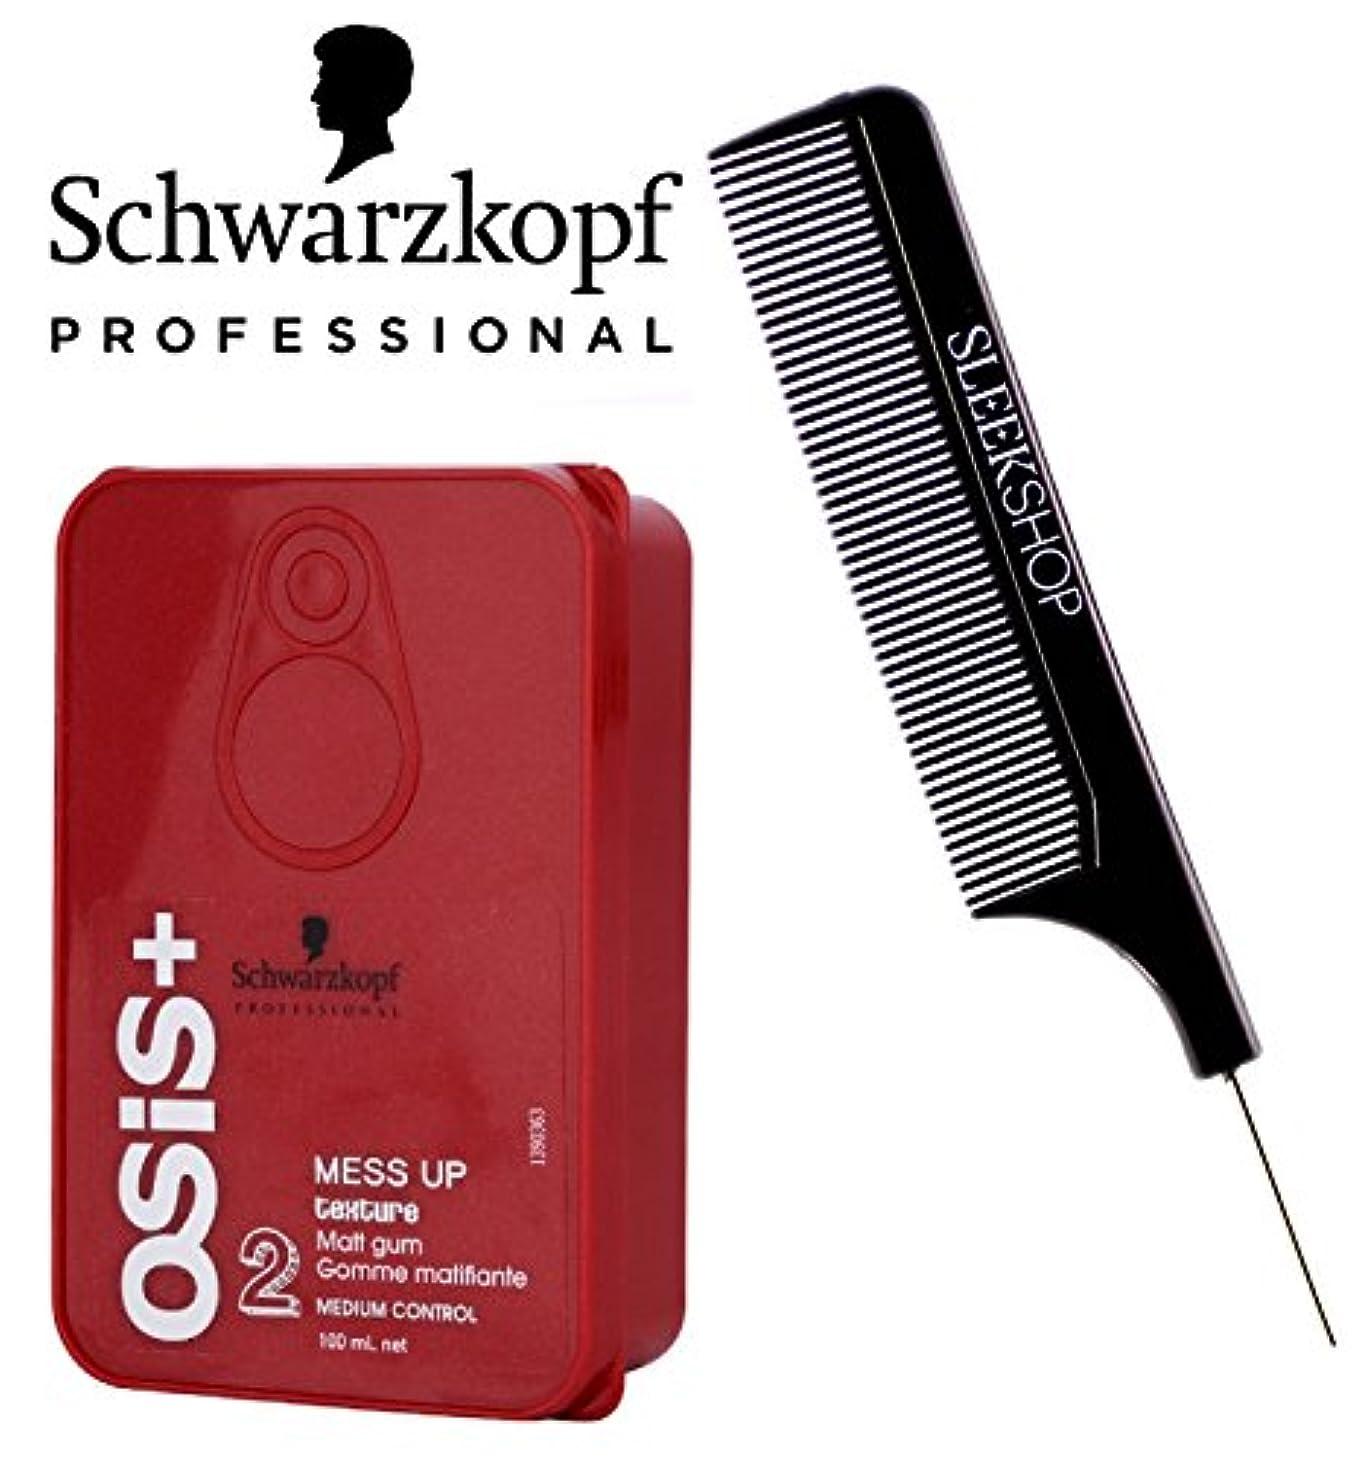 事前文庫本香水Schwarzkopf OSIS + UP(なめらかなスチールピンテールくし付き)2マットペースト、MEDIUM CONTROL(3.38オンス/ 100ミリリットル)MESS 3.38オンス/ 100mlで